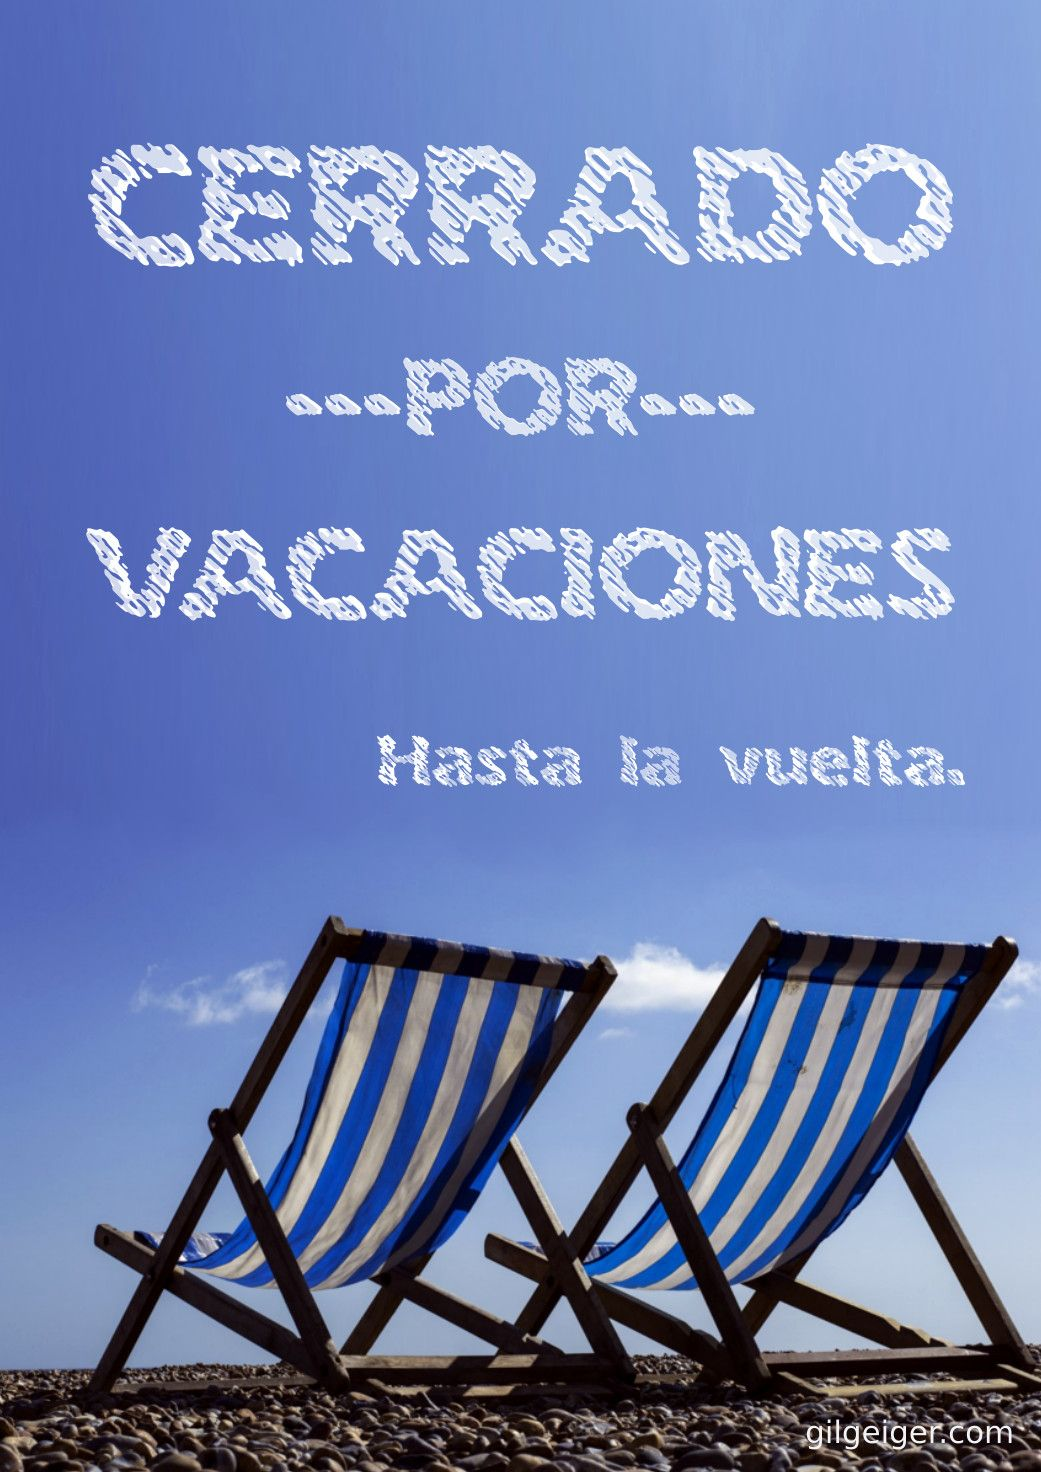 Cartel cerrado por vacaciones cartel cerrado por vacaciones cartel cerrado por vacaciones thecheapjerseys Images